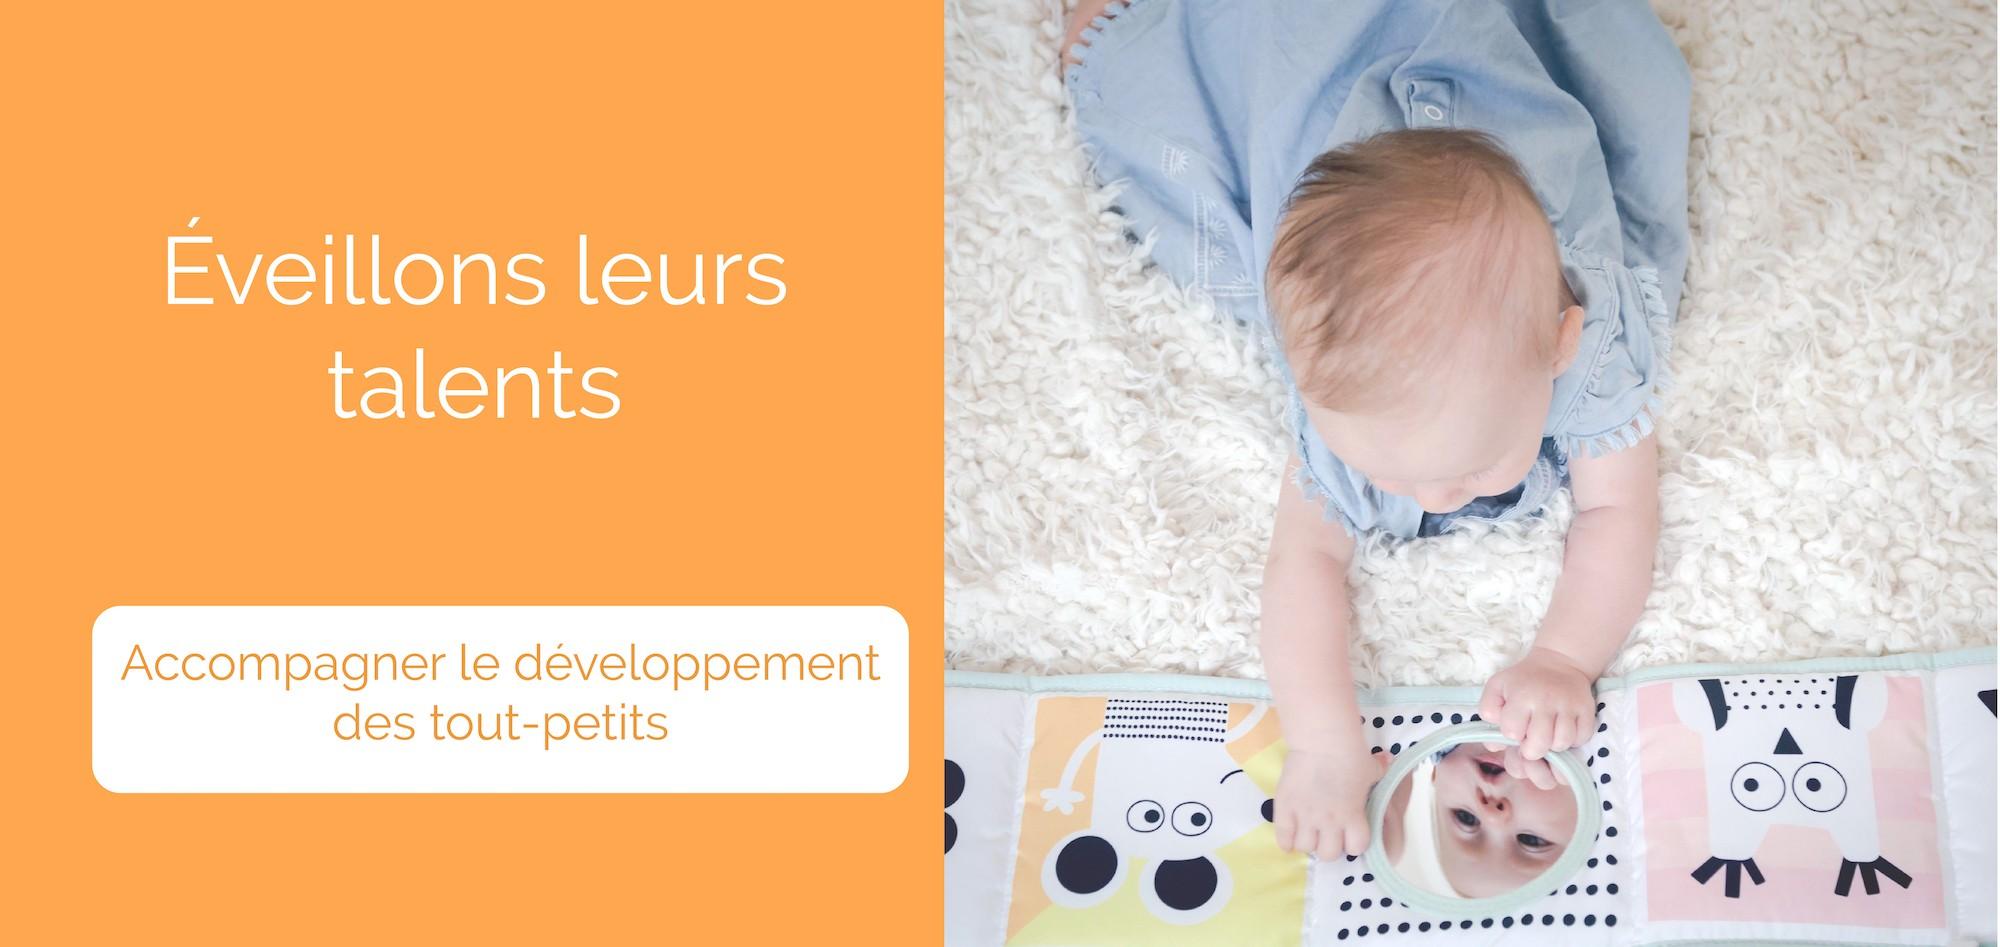 eveillons-leurs-talents-developpement-sens-bebe-oxybuk